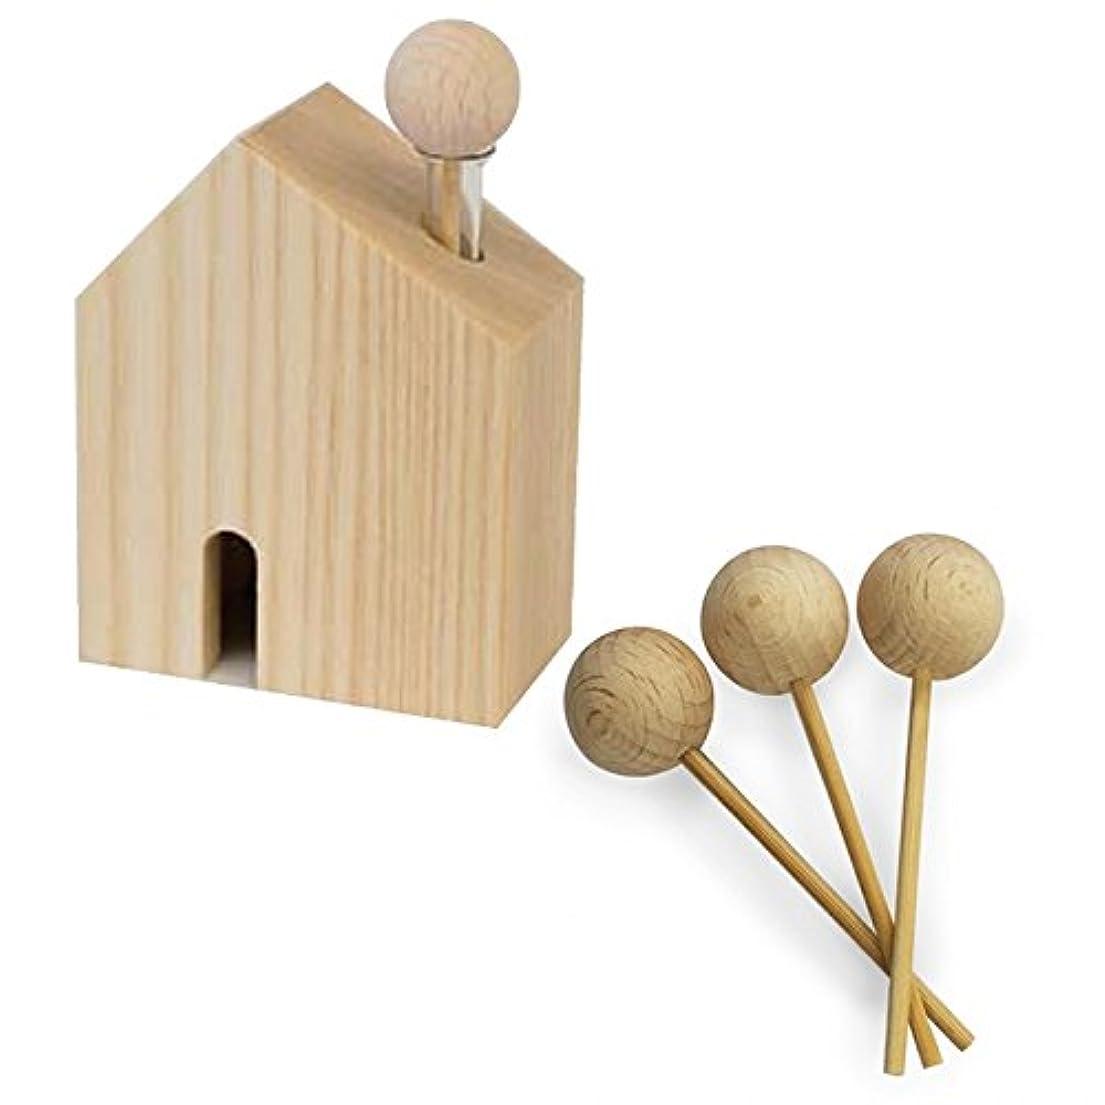 恵み道ガジュマルHARIO ハリオ アロマ芳香器 木のお家 交換用木製スティック3本付